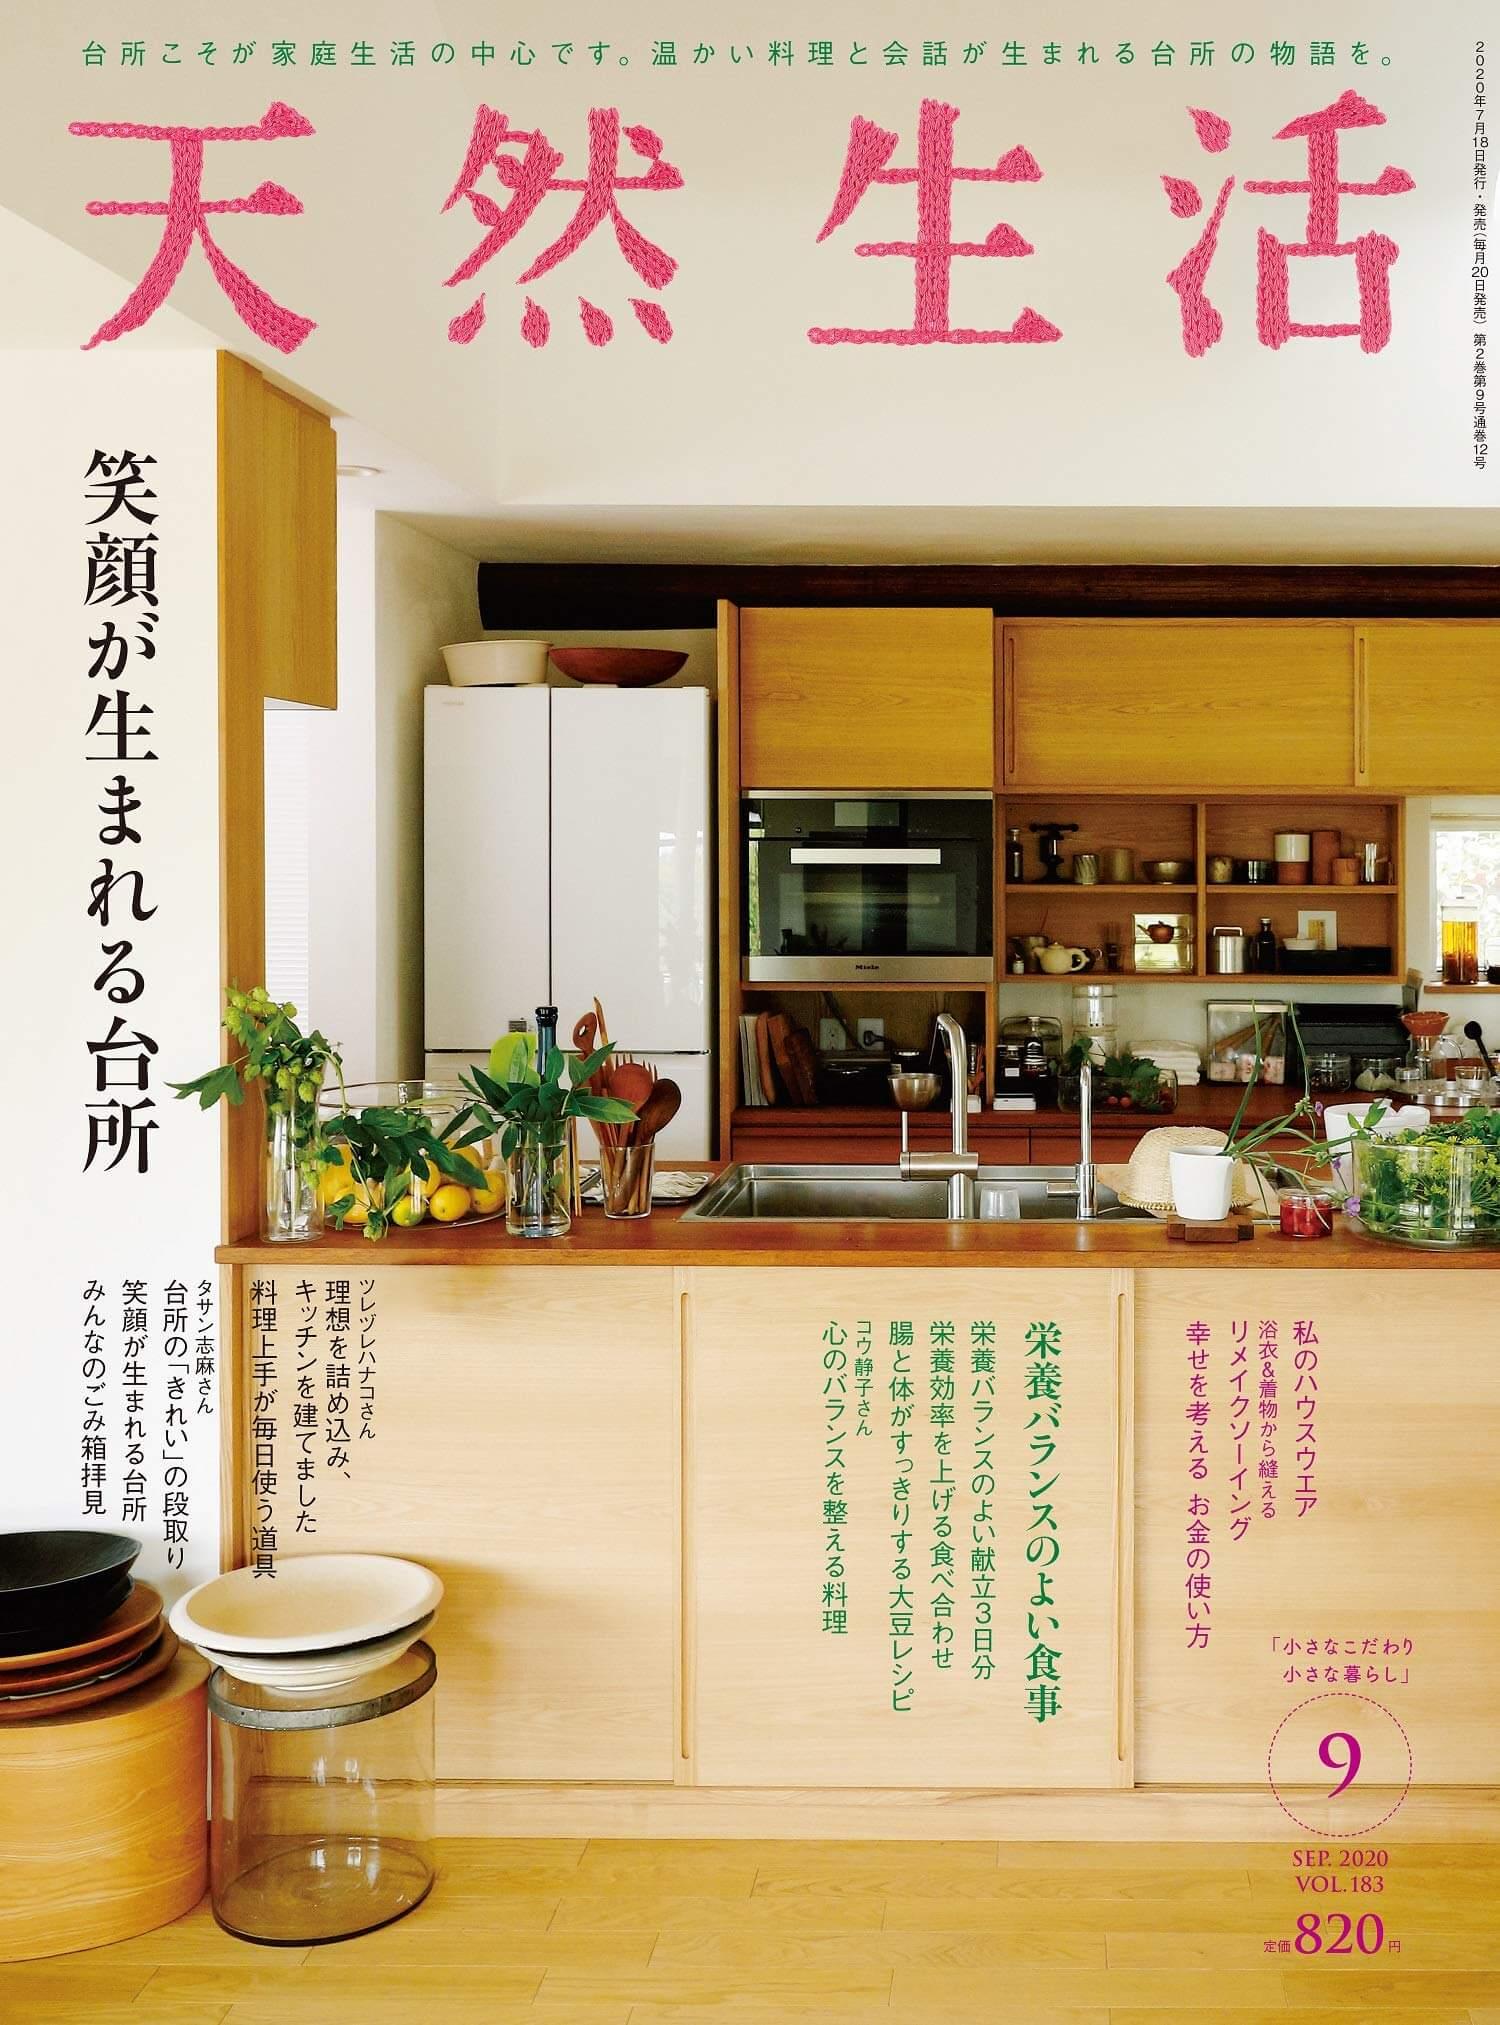 天然生活|2020年9月号|大豆レシピ|腸活|発酵|管理栄養士|藤橋ひとみ